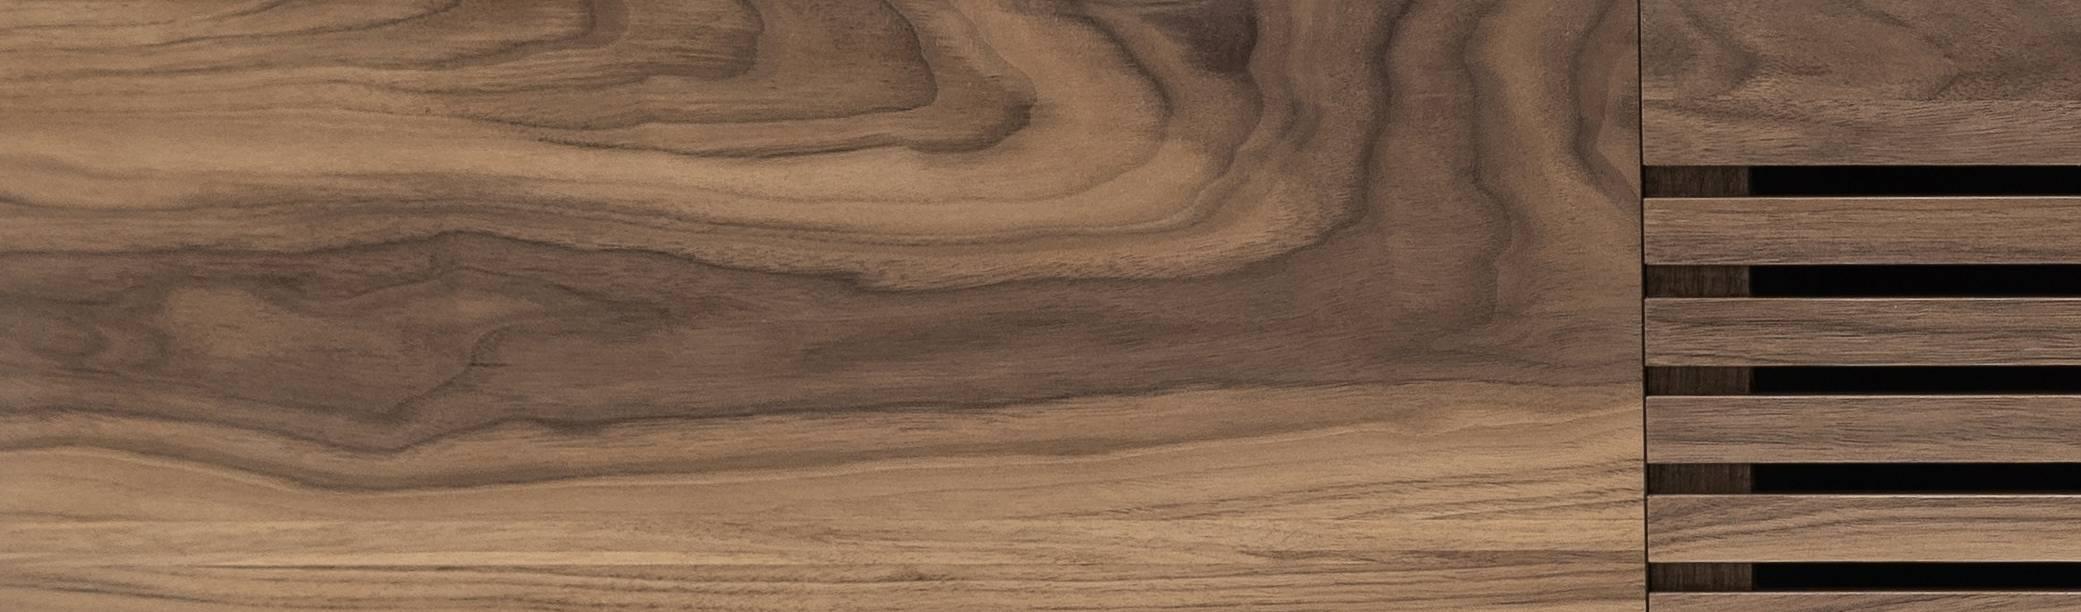 Albura Wood Designs